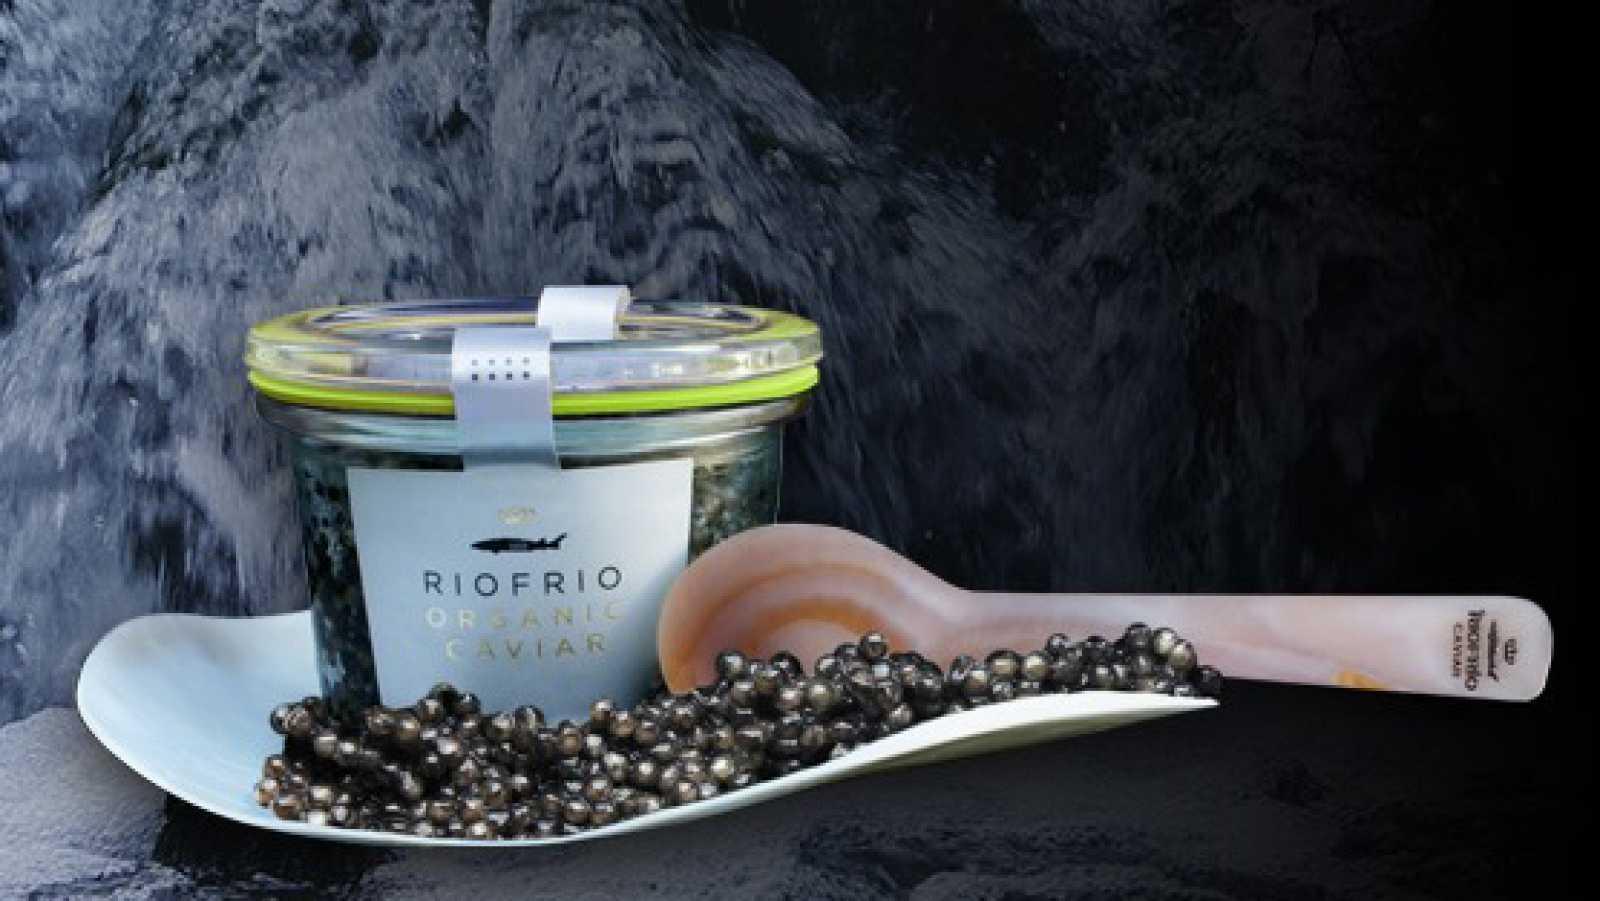 En clave Turismo - Caviar de Riofrío, español, ecológico y excepcional - 16/12/20 - escuchar ahora